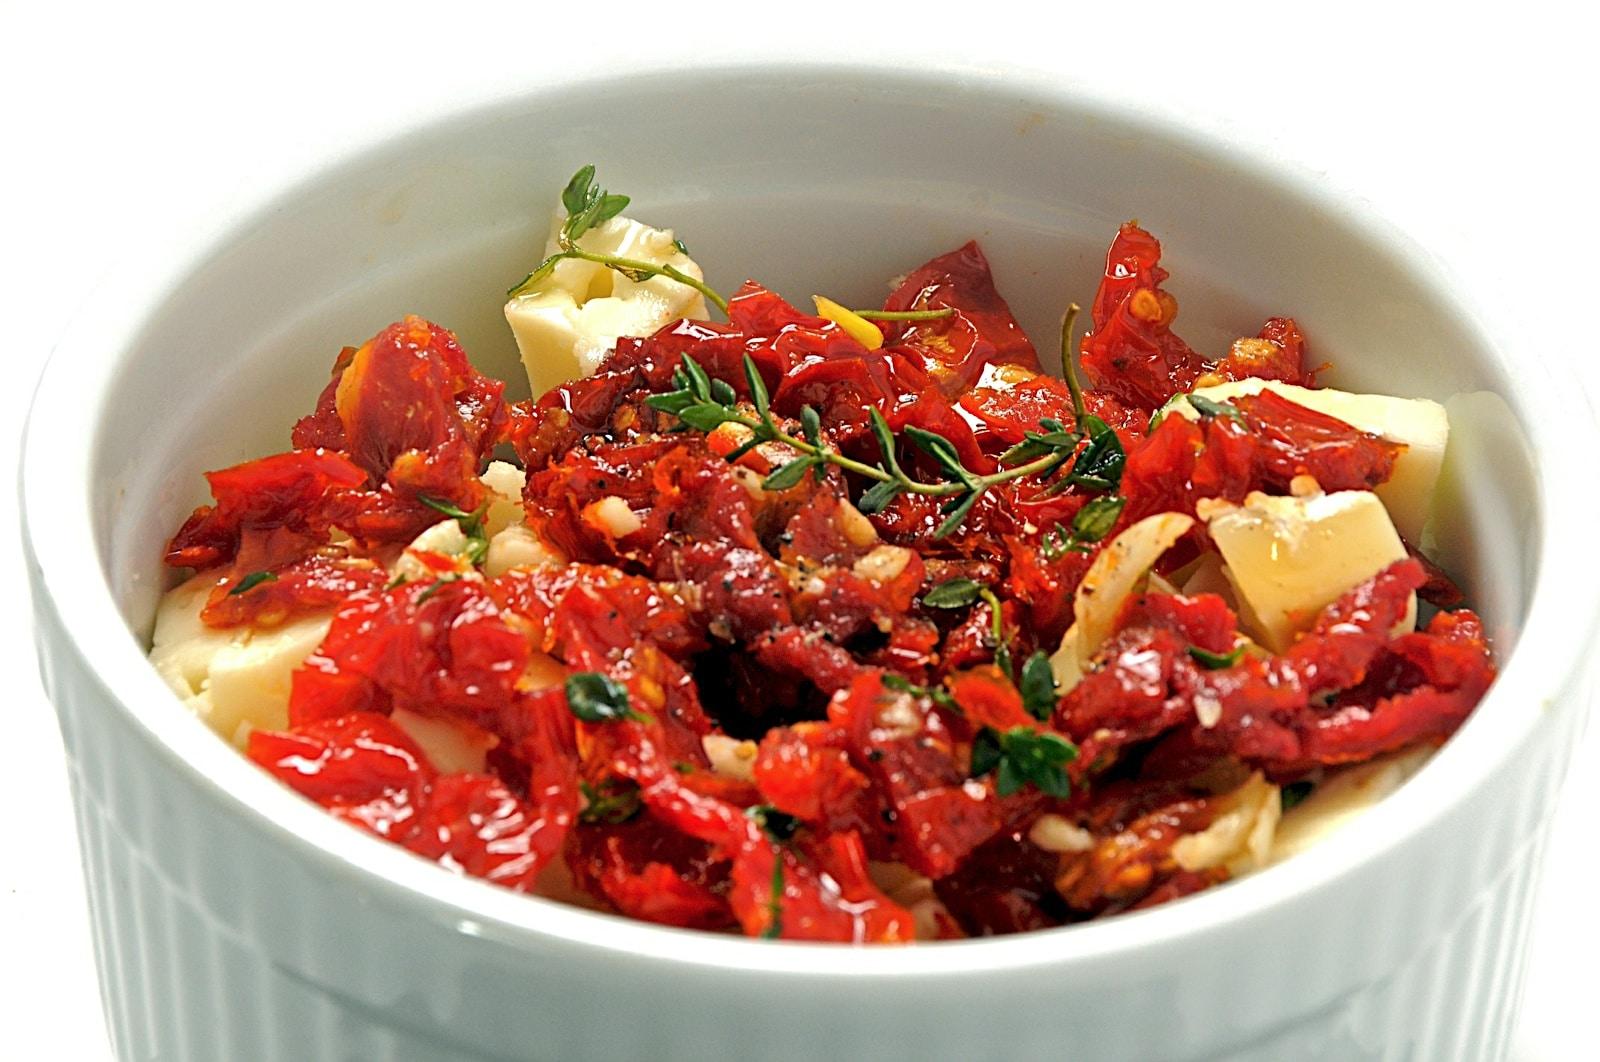 receta de aperitivo en whiteonricecouple.com